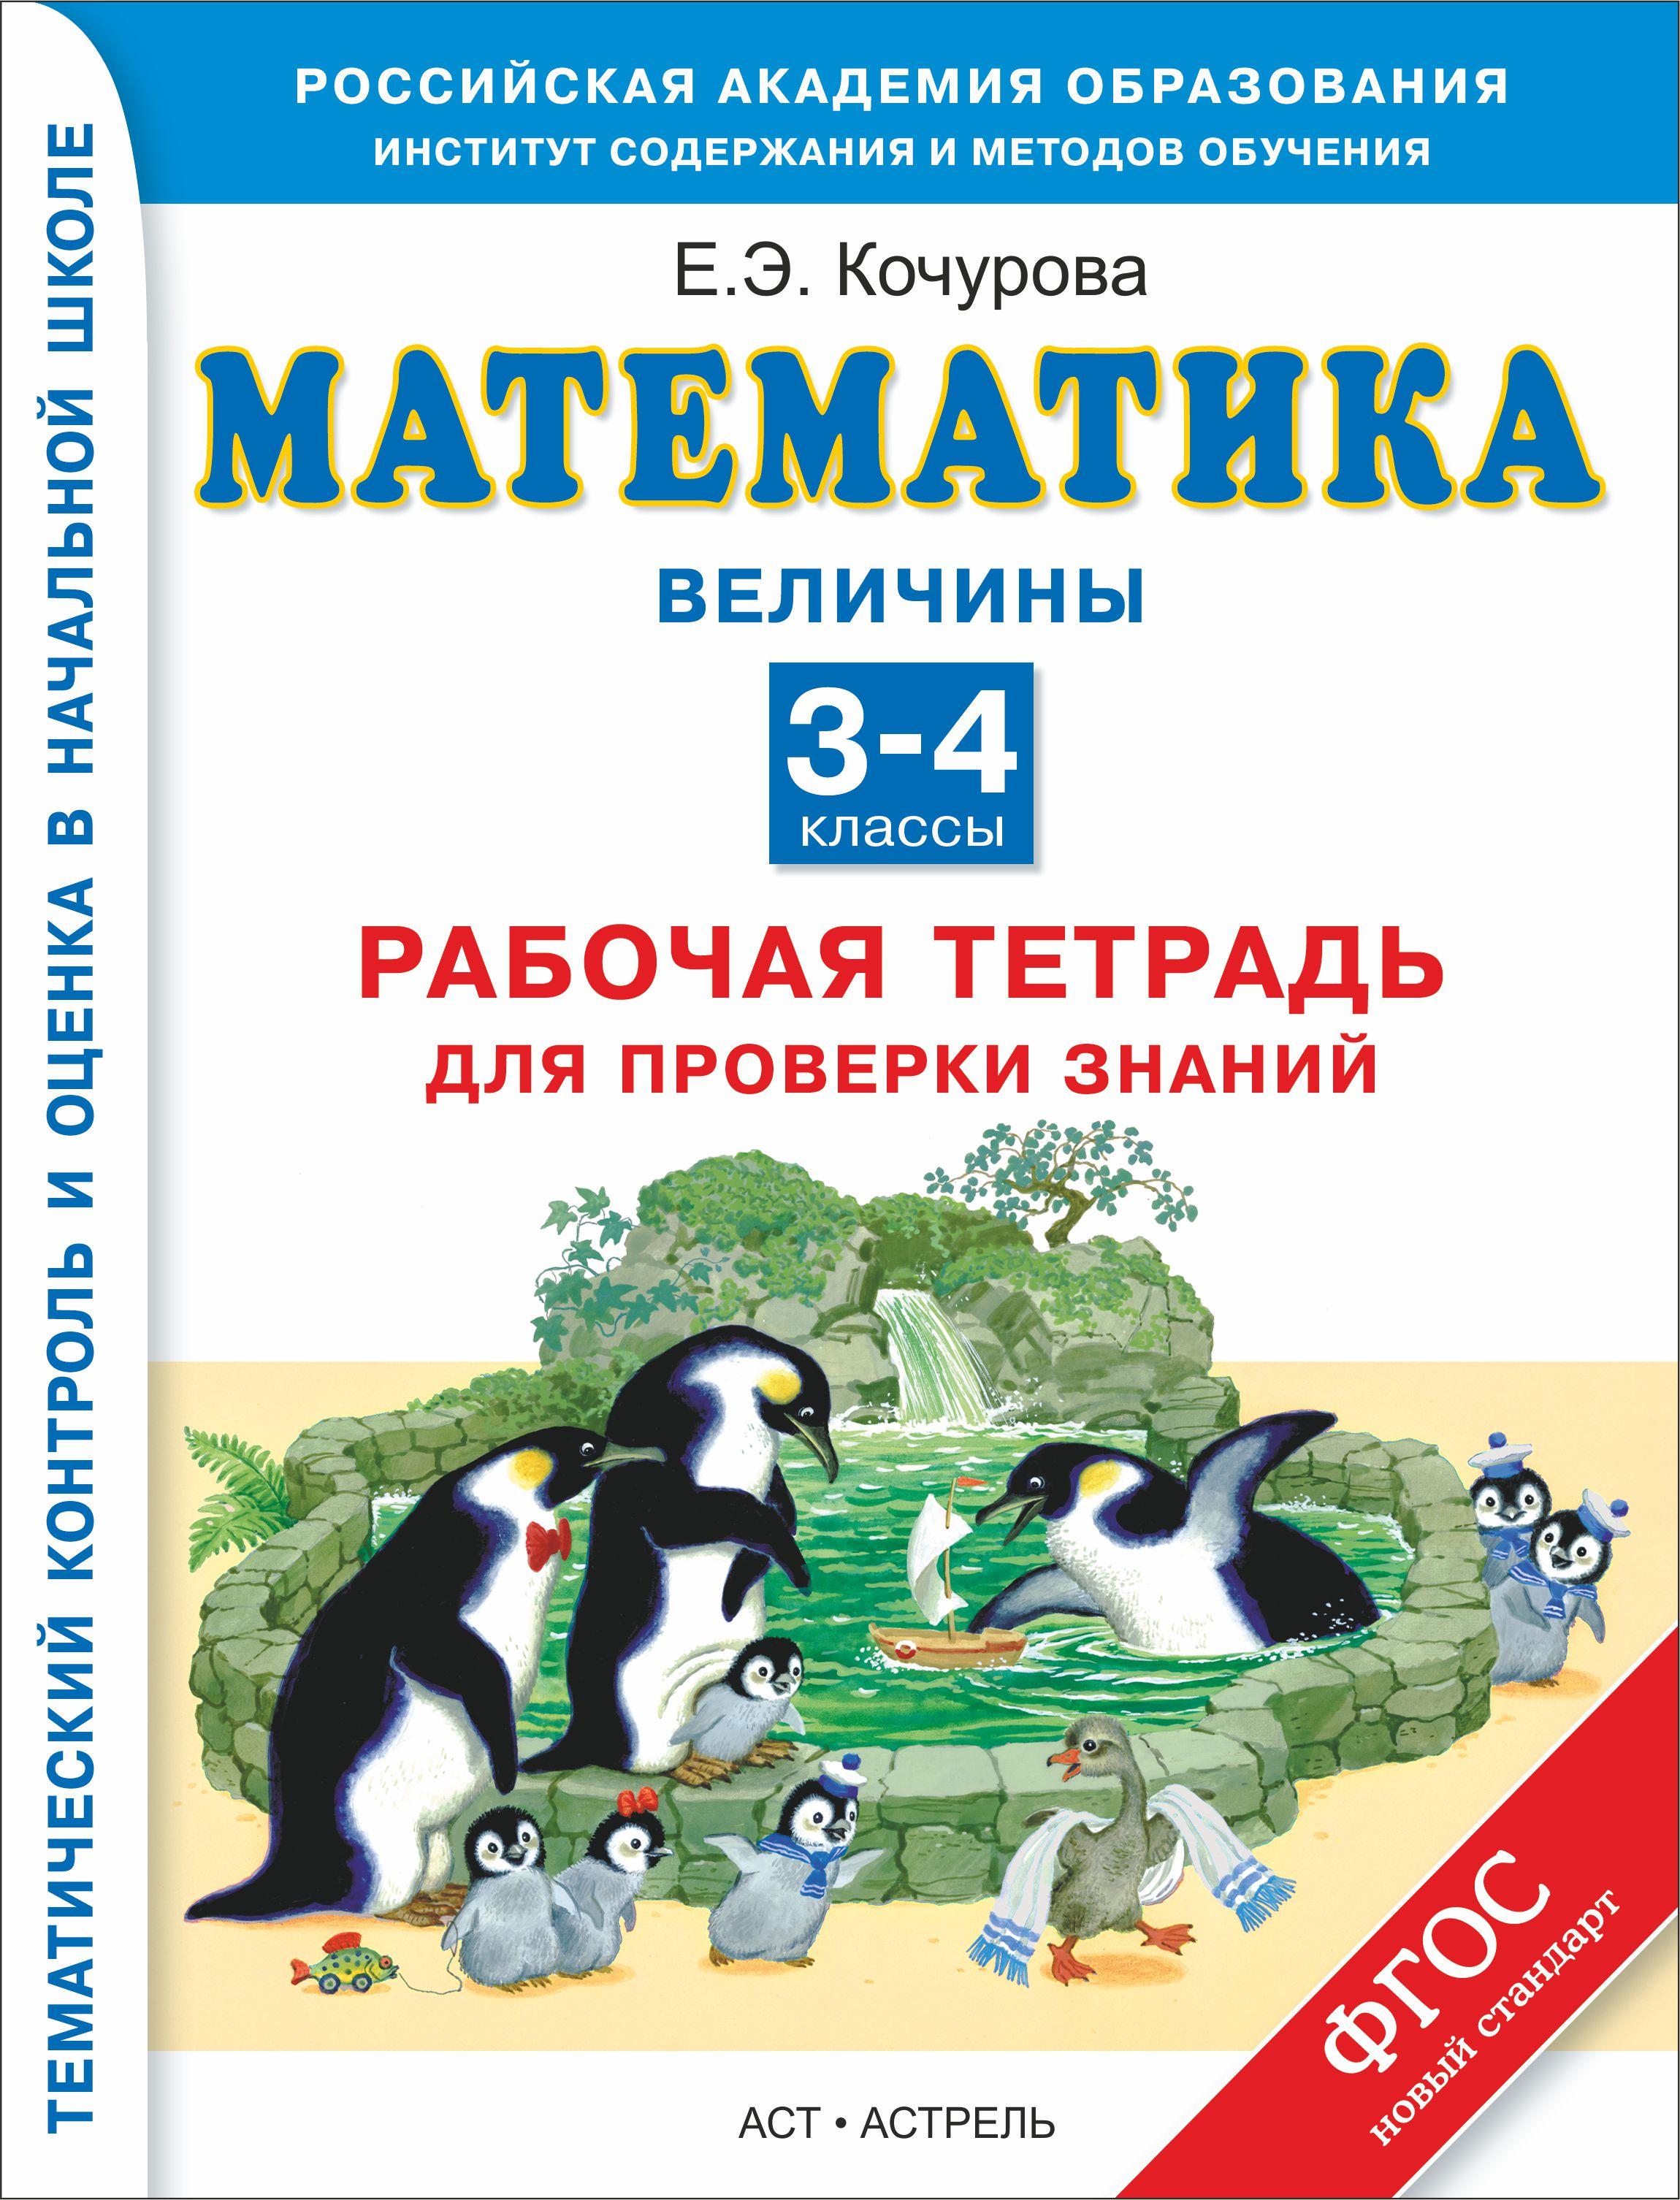 Величины. Математика. 3–4 классы. Рабочая тетрадь для проверки знаний